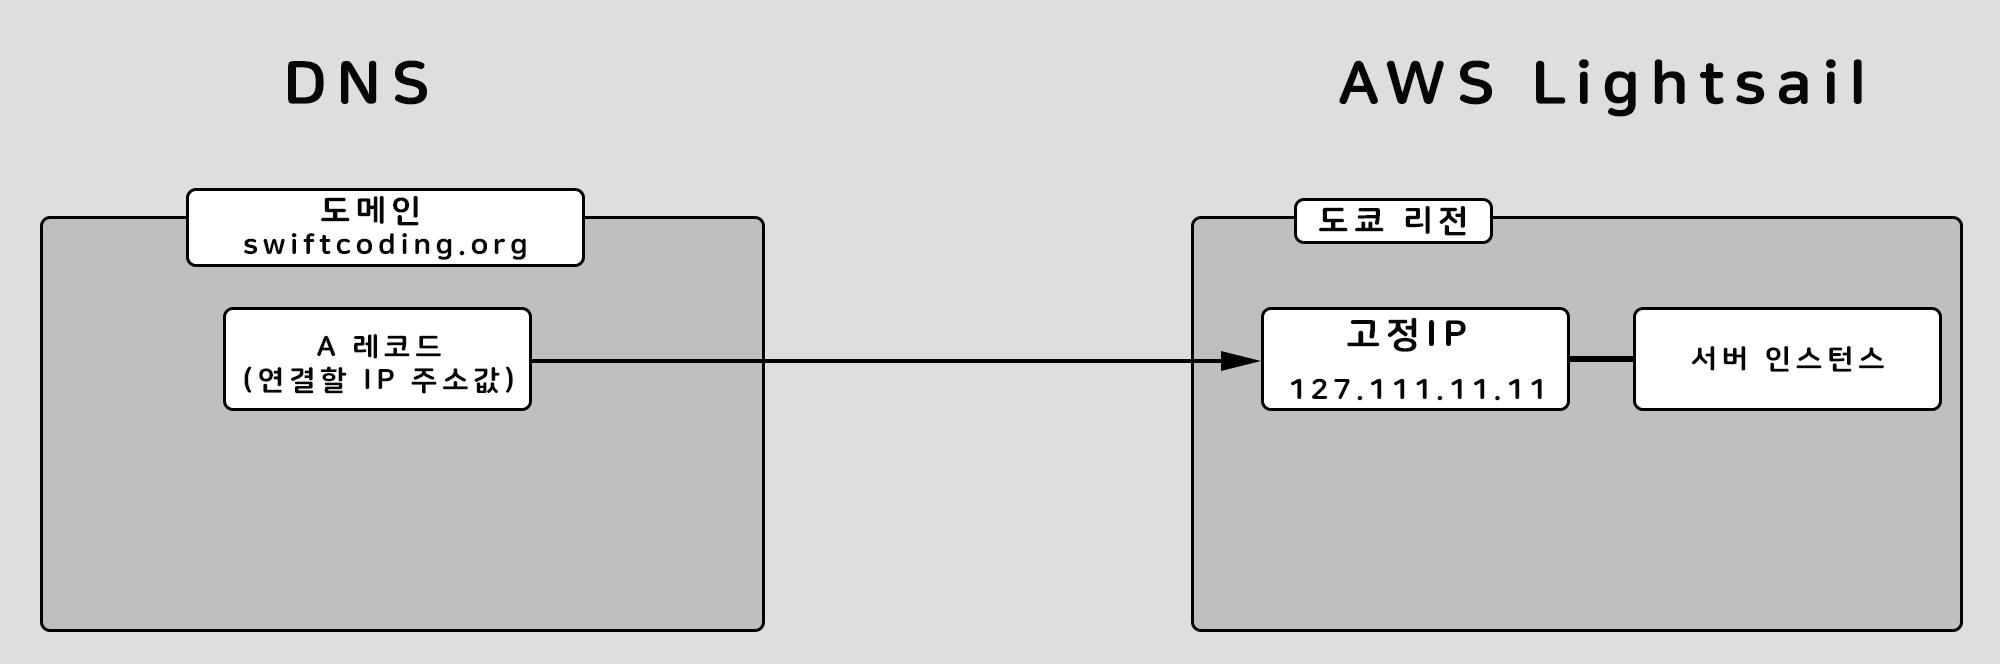 도메인 DNS와 AWS Lightsail 연결 그림